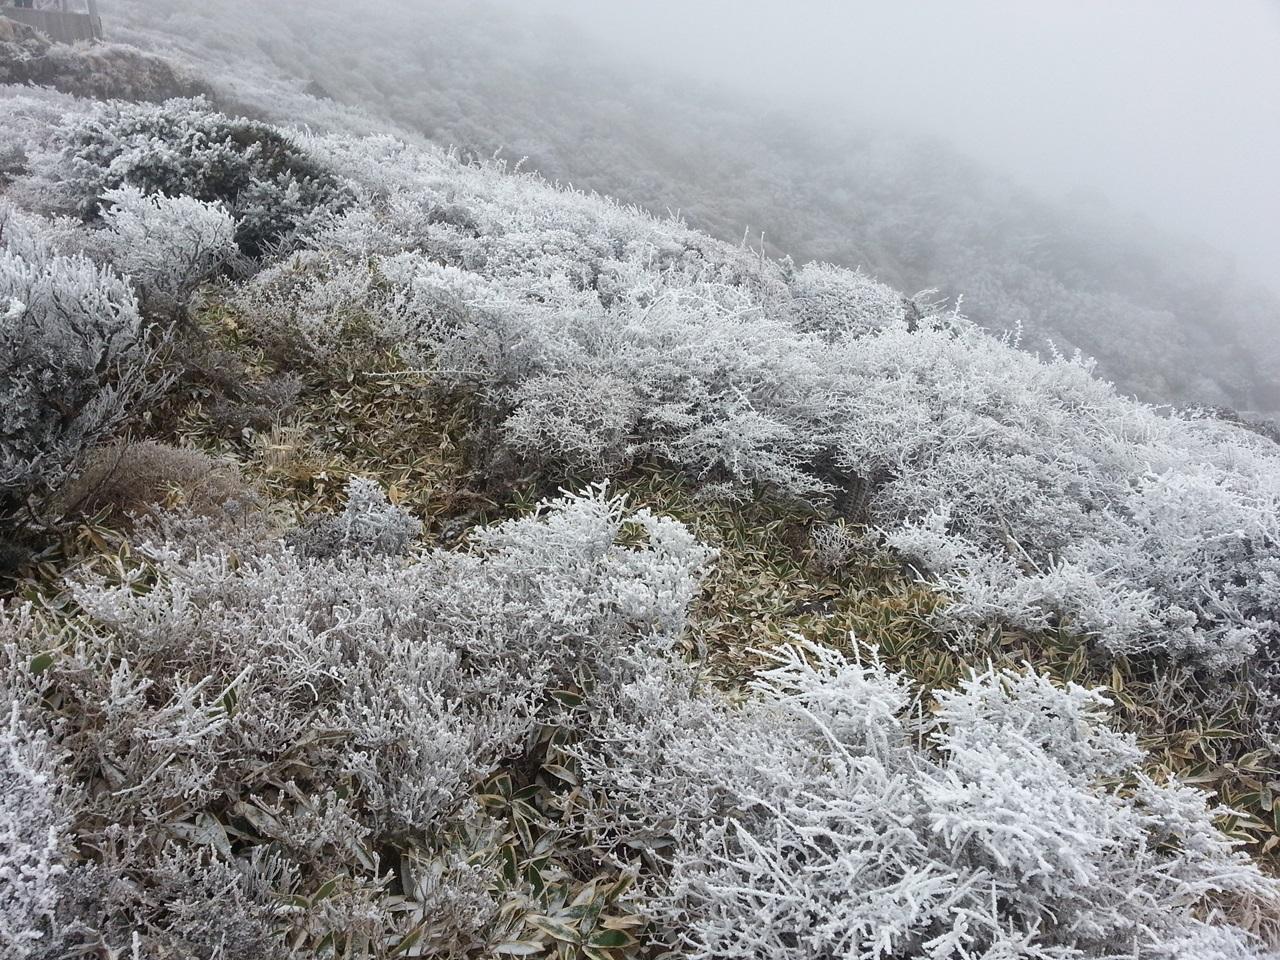 한라산 영실계곡1 영실계곡에 눈꽃이 피었다. 2016년 11월 23일